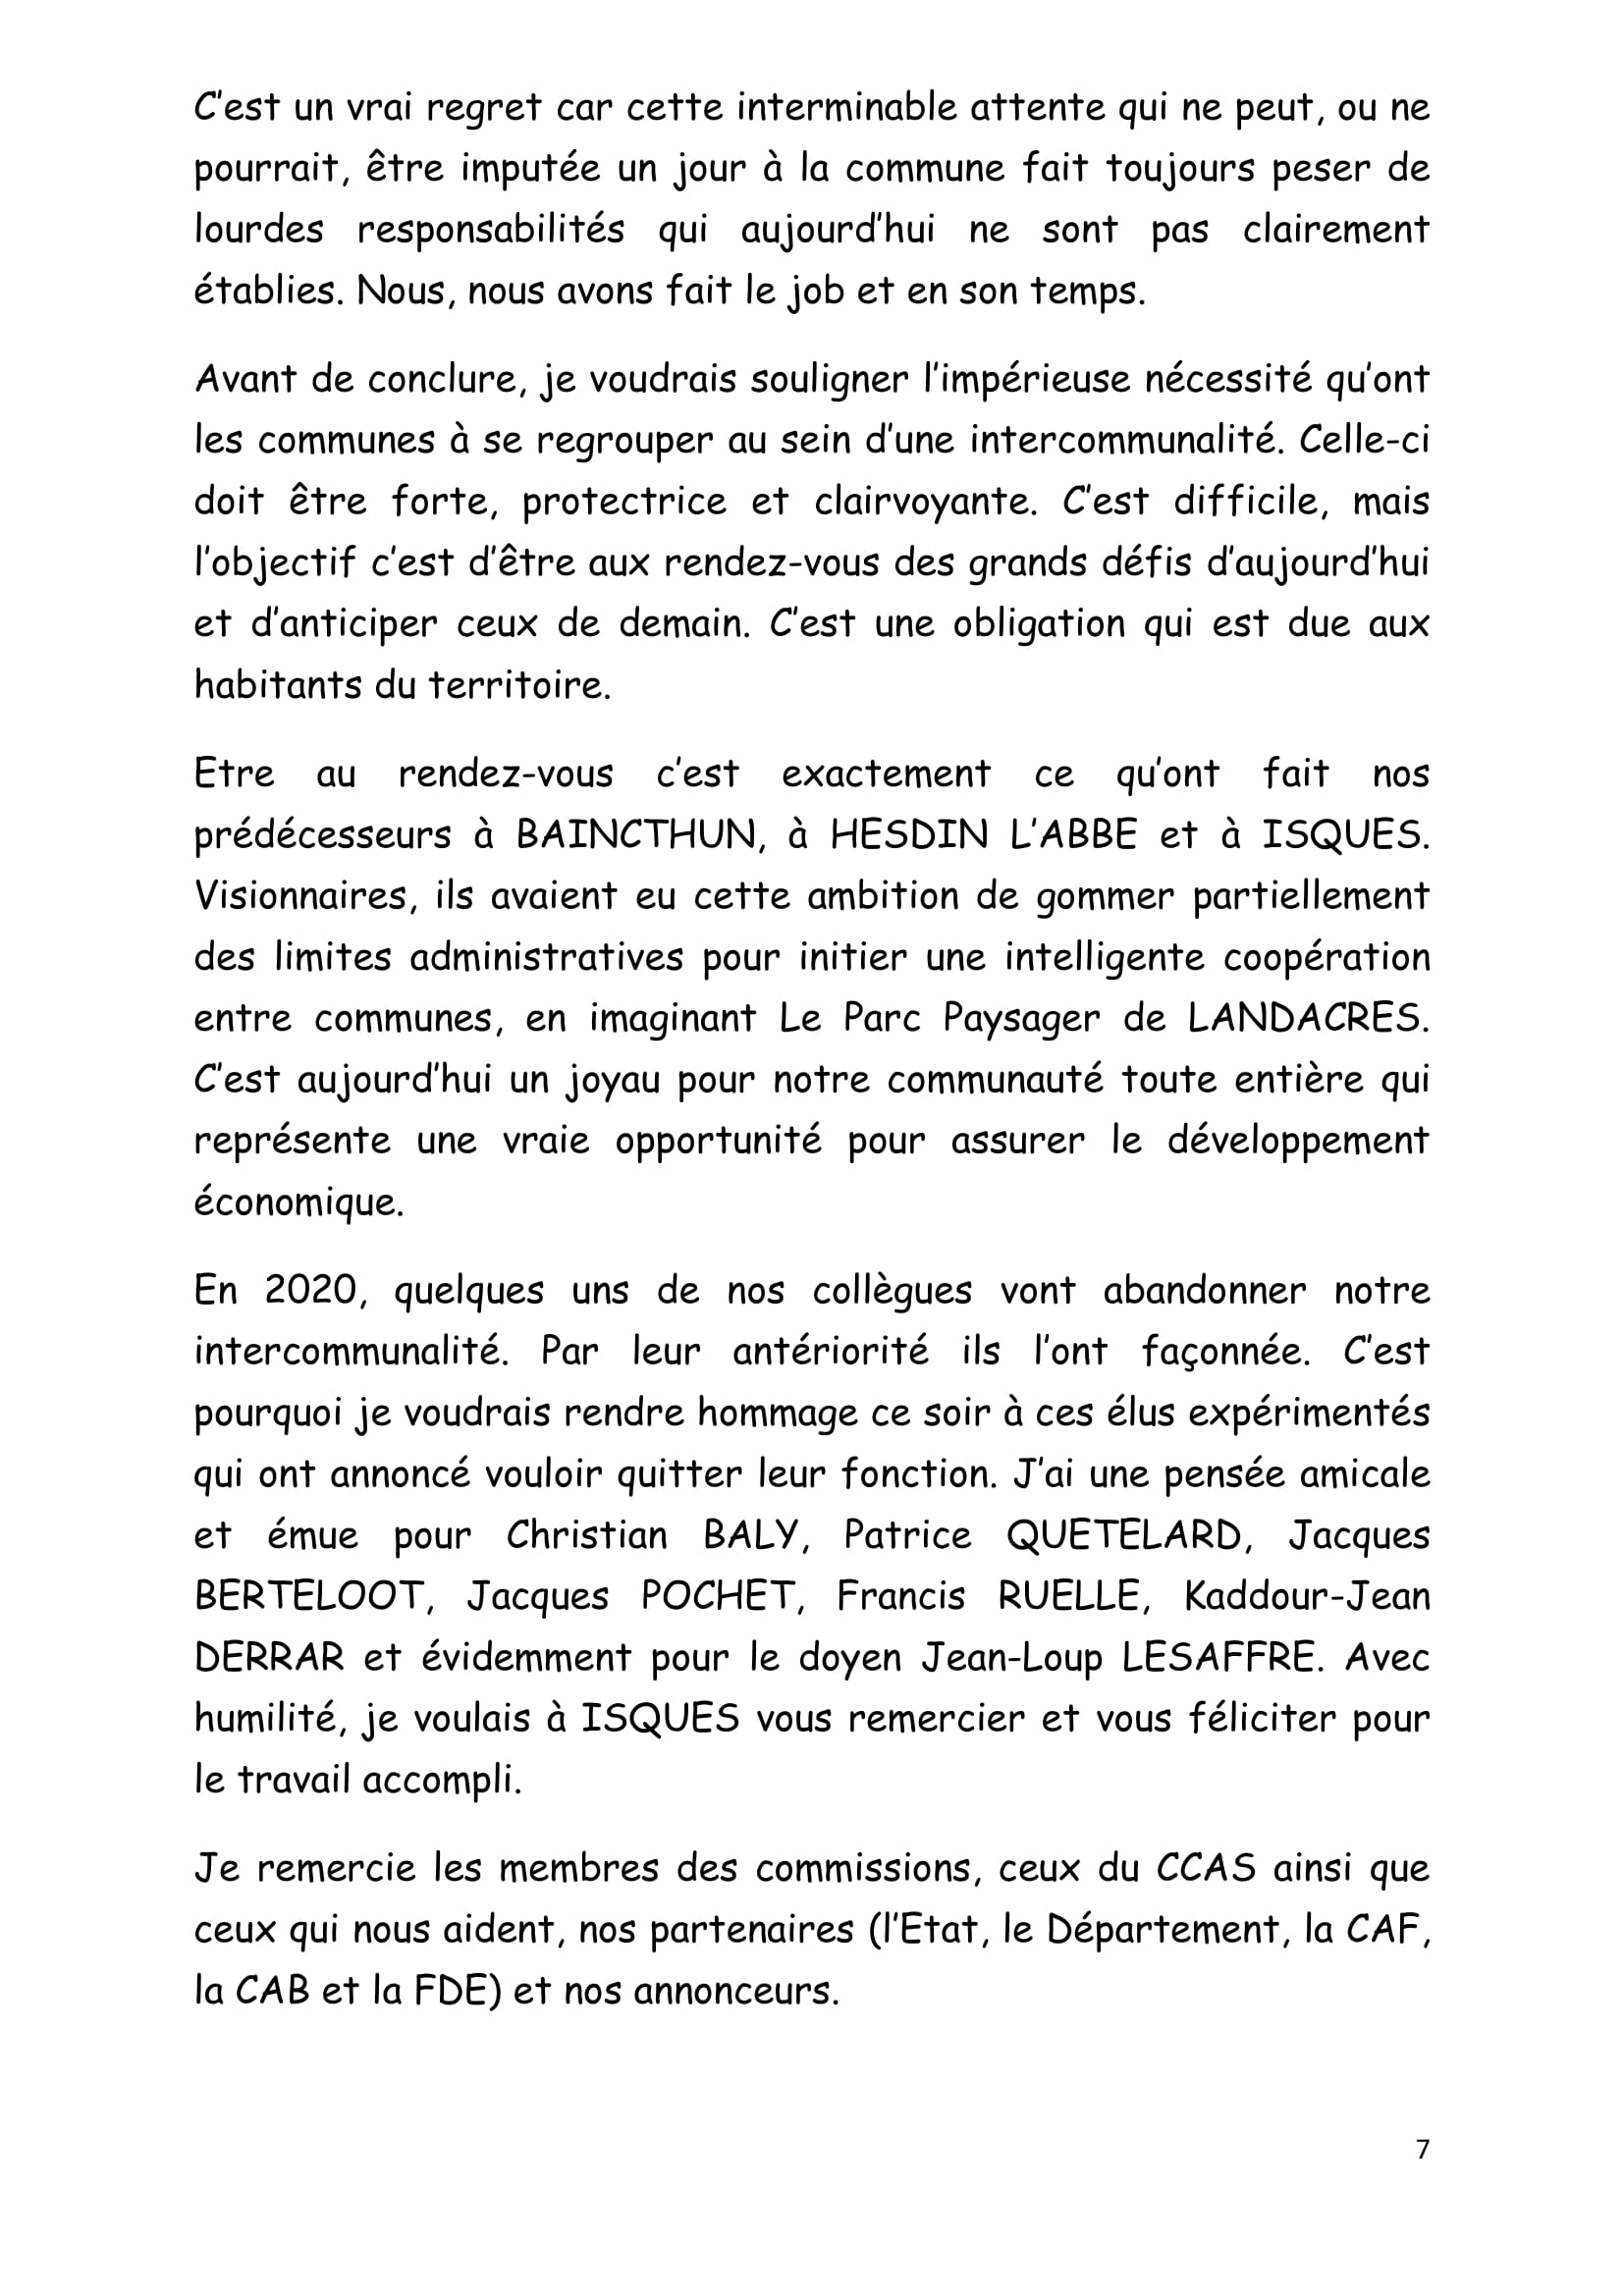 DISCOURS VOEUX du JEUDI 16 janvier 2020 site Isques-7